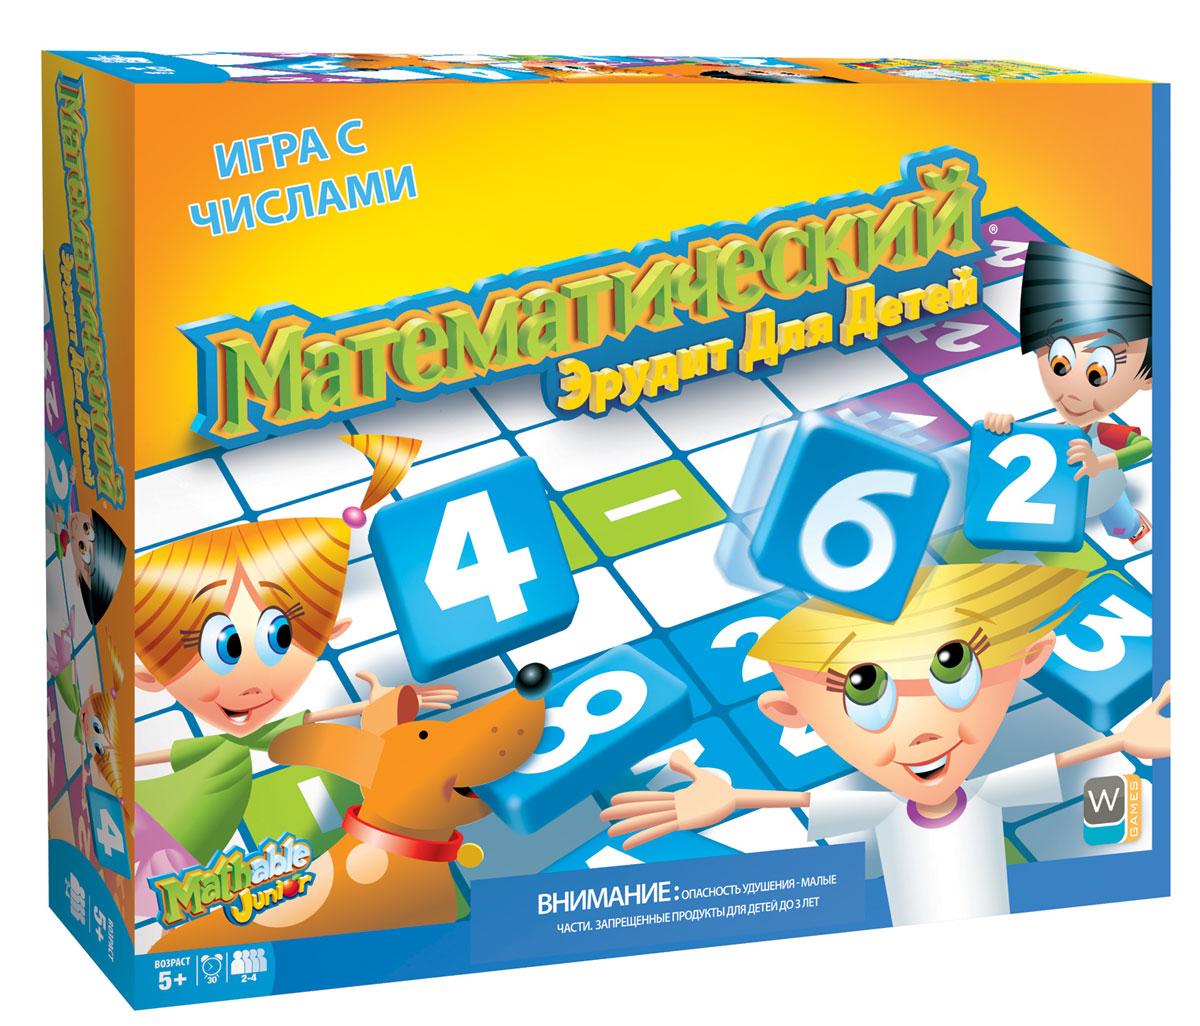 Настольная игра Математический эрудит для детей5006Математический эрудит для детей является детской версией классической игры Математического эрудита. От базовой версии она отличается тем, что в процессе игры используются только 2 базовых математических действия - сложение и вычитание. Игра отлично подходит для семейного отдыха и детской вечеринки, а также может использоваться как обучающий материал. Кроме навыков быстрого сложения и вычитания, игра развивает у ребенка мышление, логику, умение планировать свои действия. В процессе игры участники должны создавать математические действия прямо на игровой доске. Математическое действие - сложение или вычитание - производится с двумя соседними числами, при этом фишка с результатом также должна находиться рядом. Для игры используется двусторонняя игровая доска, а также 60 фишек с числами. Каждая фишка имеет ценность в очках, равную числу на фишке. Игроки должны размещать фишки на доске таким образом, чтобы каждая вновь добавленная фишка составляла математическое...